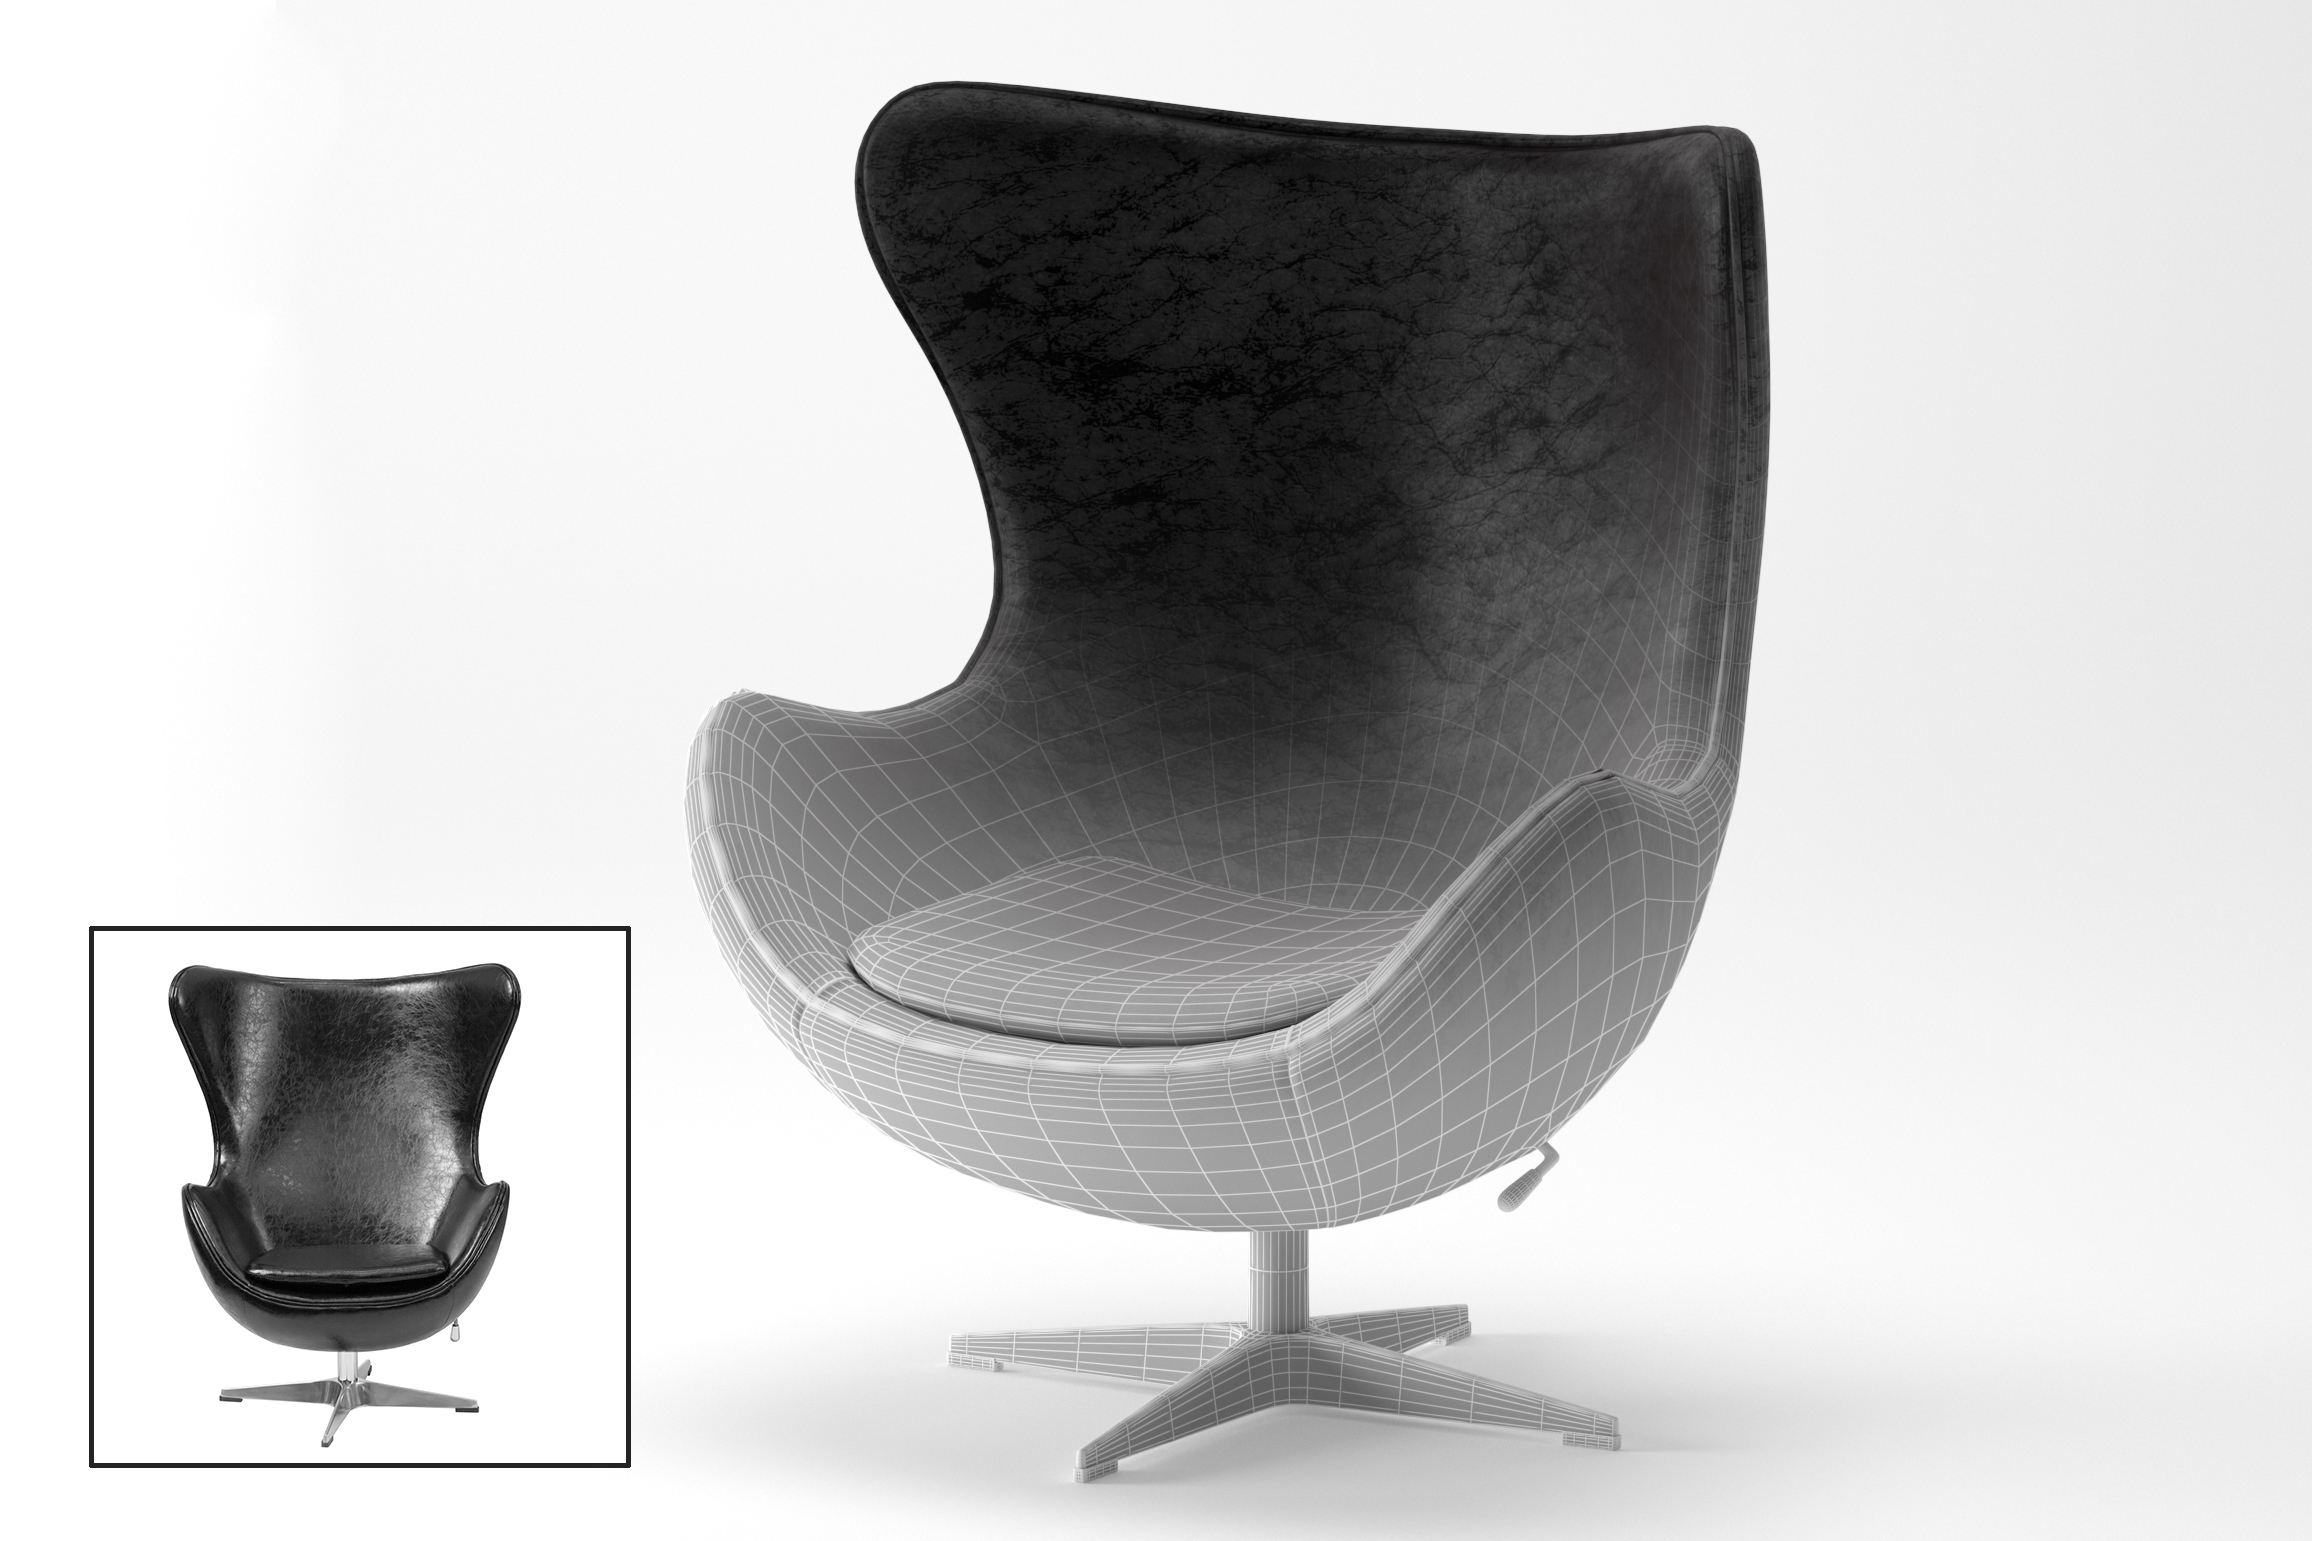 3D Furniture Modeling - 15